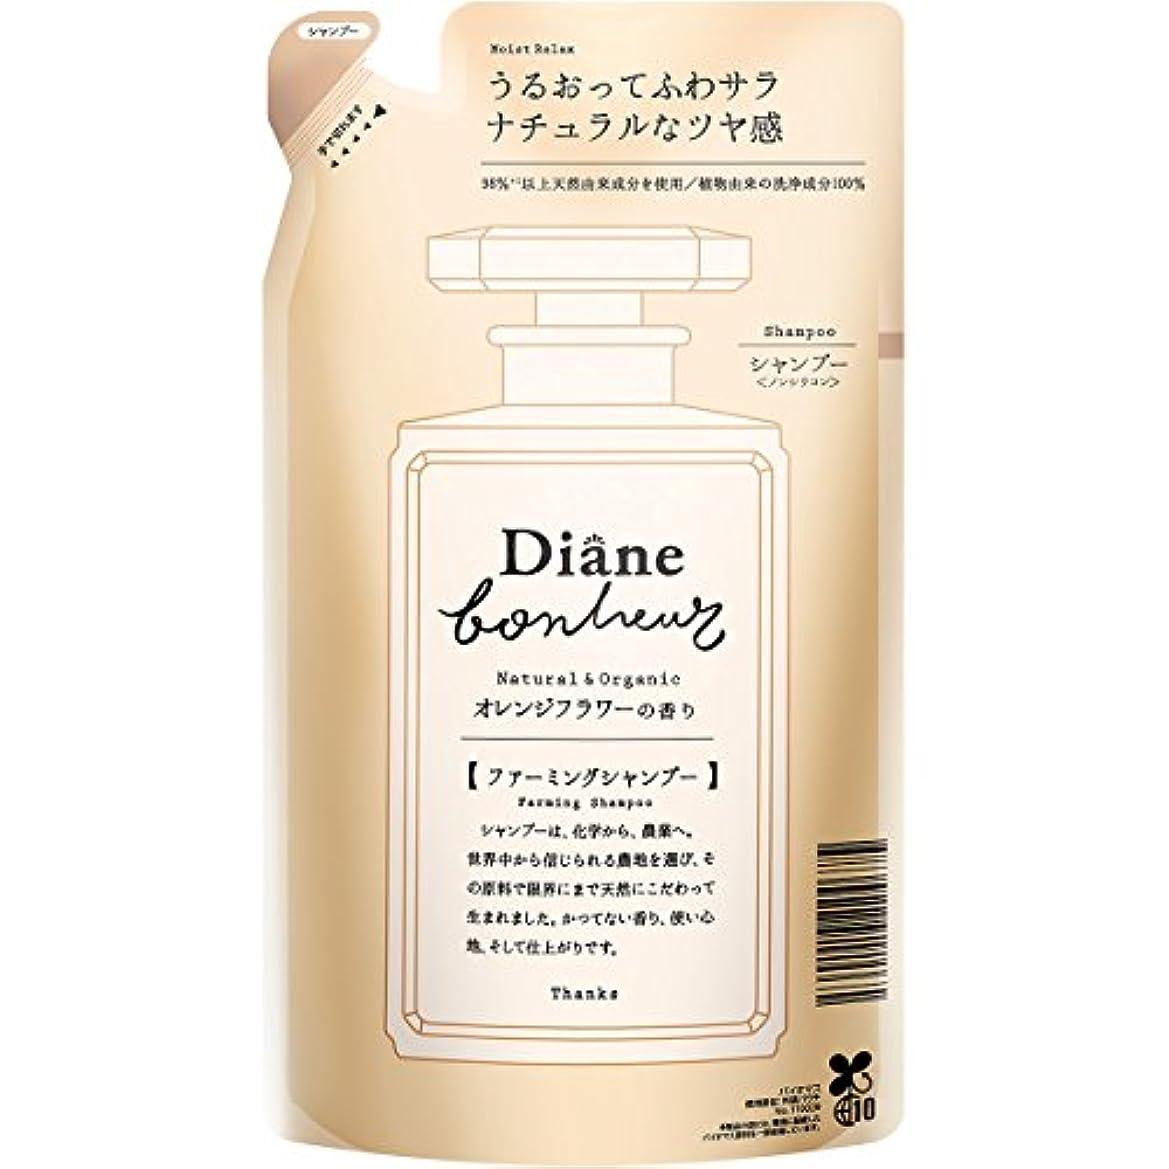 日少しアセンブリダイアン ボヌール オレンジフラワーの香り モイストリラックス シャンプー 詰め替え 400ml